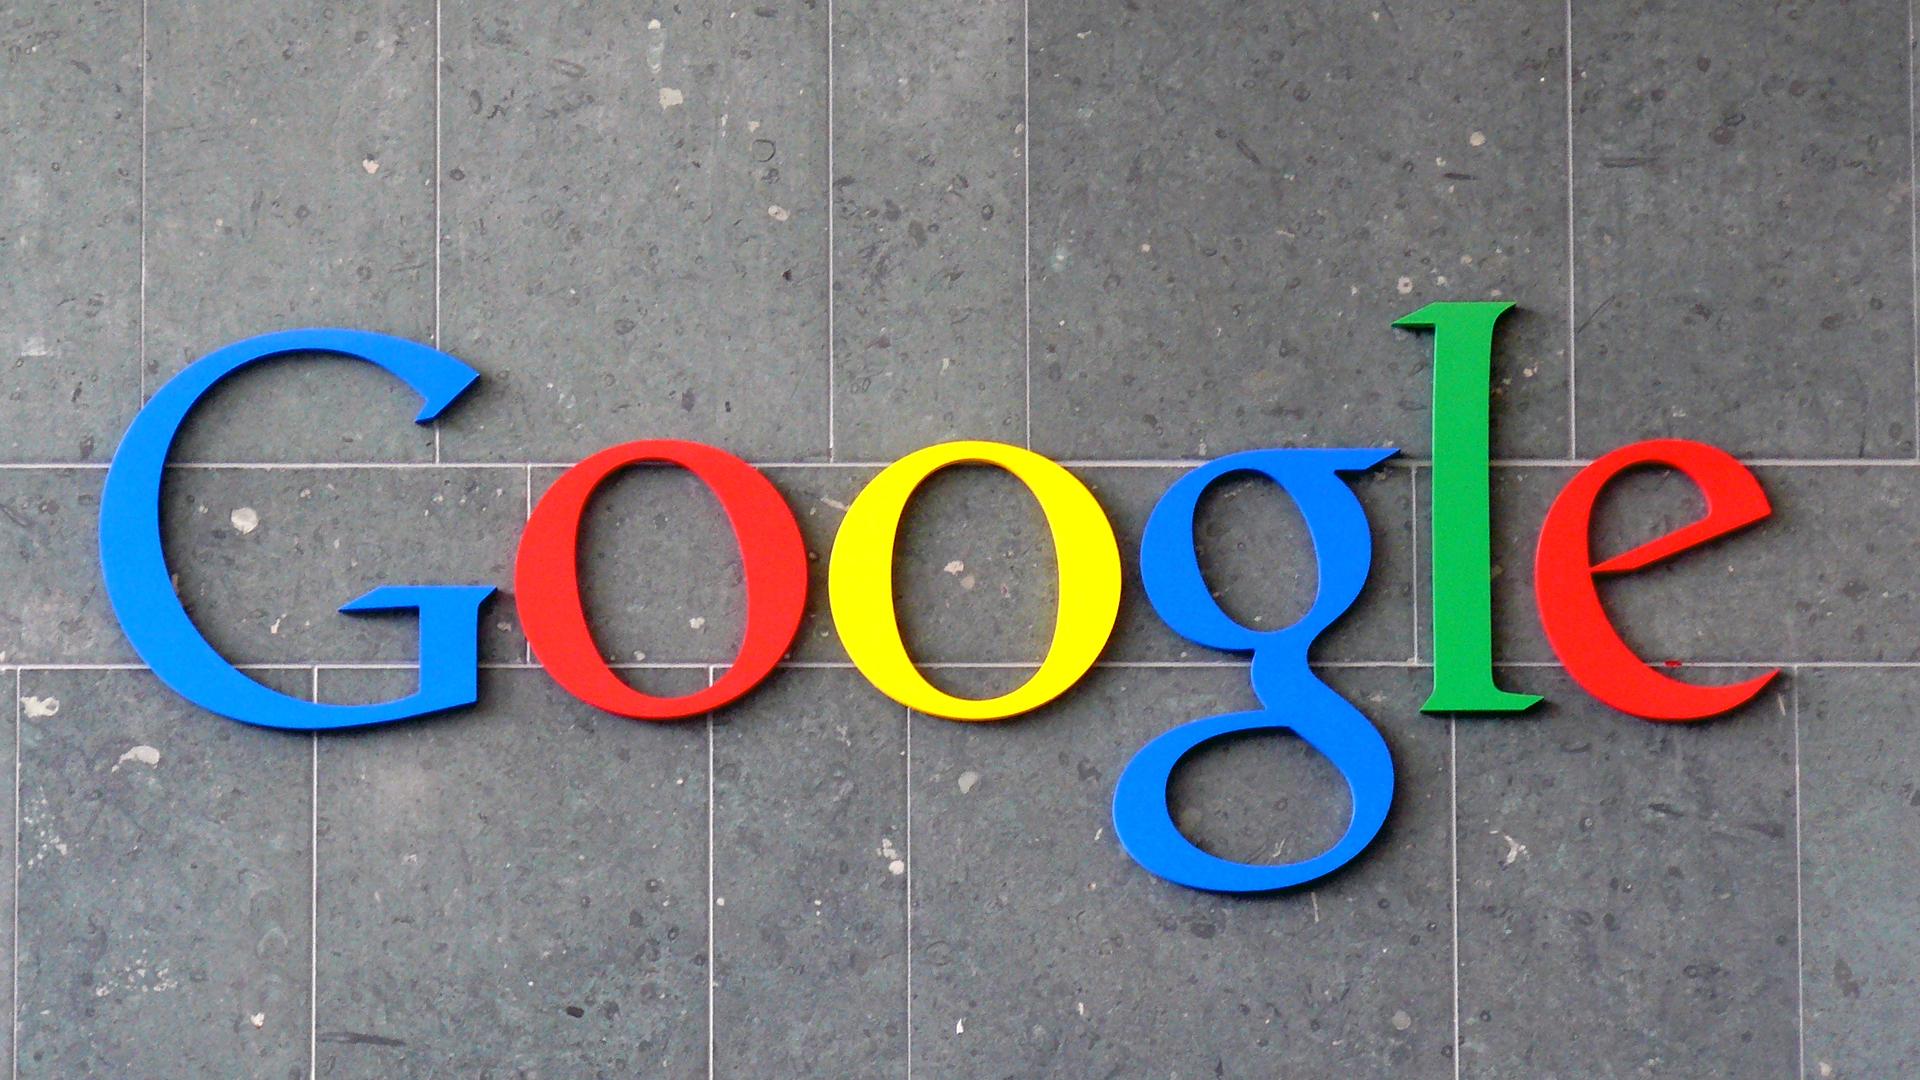 27 Σεπτεμβρίου λειτουργεί για πρώτη φορά η Google